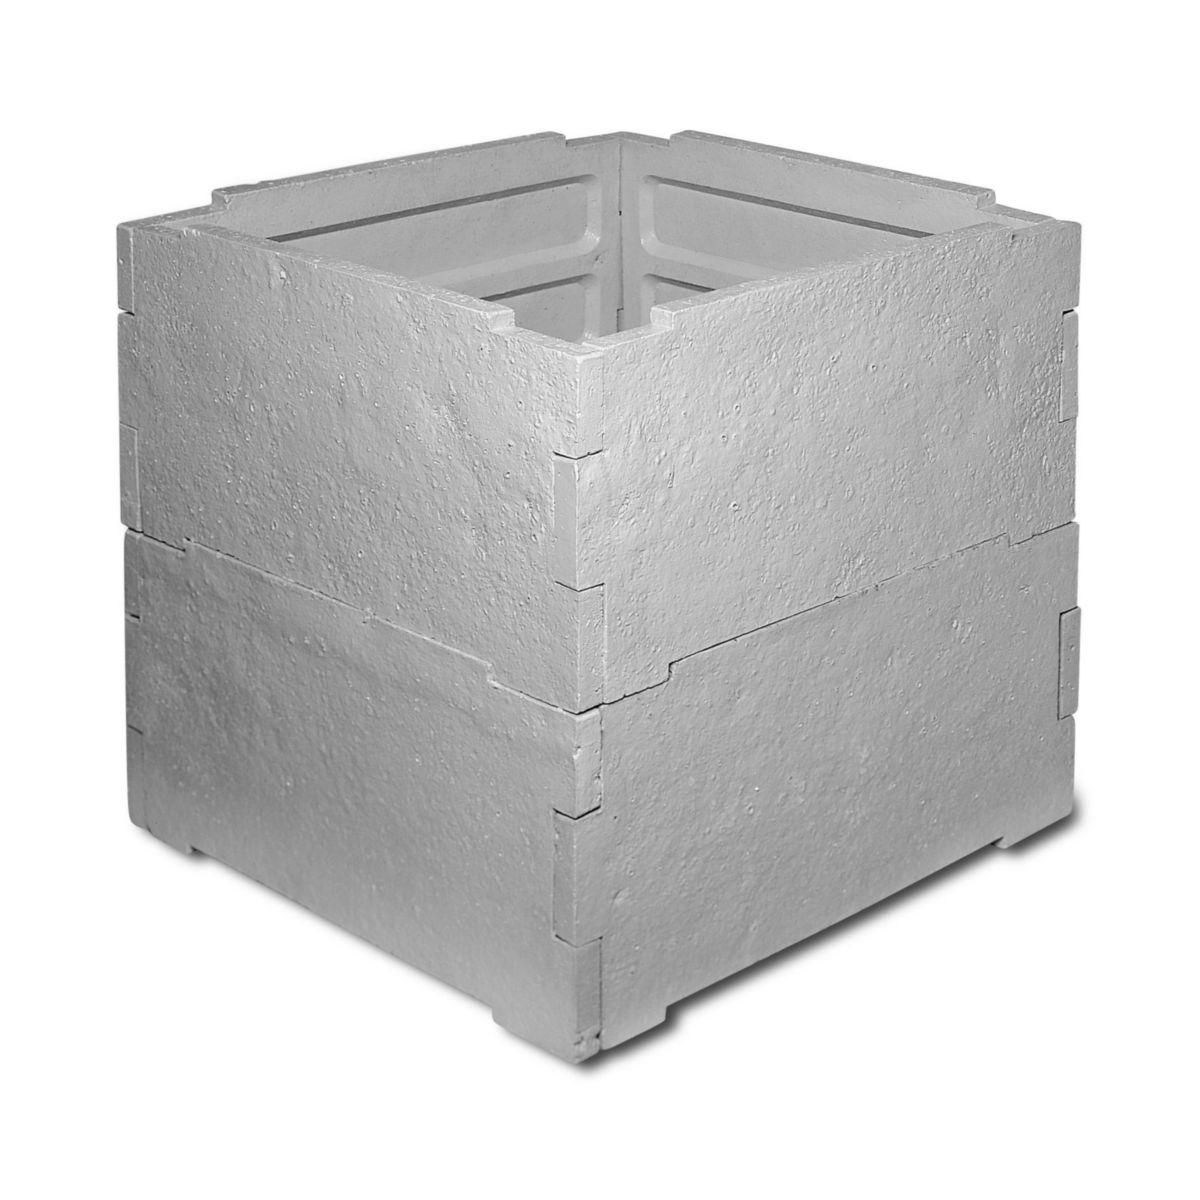 Surréaliste LEGOUEZ - Abri pour compteur d'eau - 8 plaques béton - 80x80x80 cm TZ-11